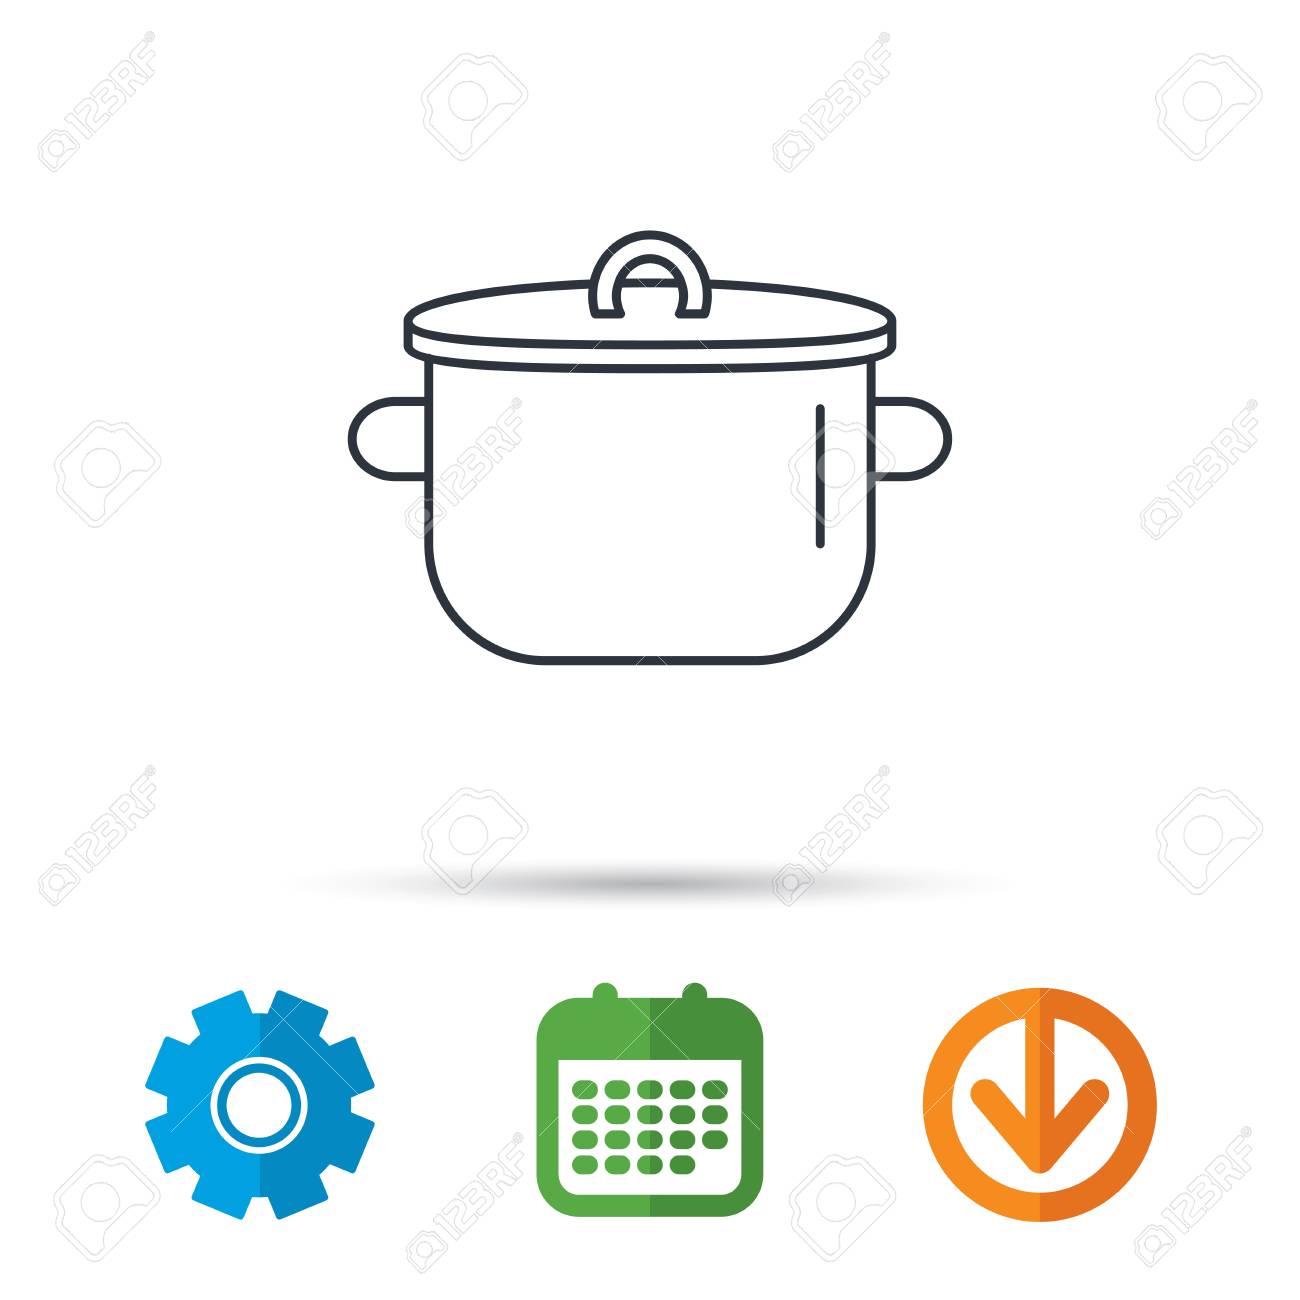 Icono De Pan. Signo De Olla De Cocina Símbolo De La Herramienta De ...